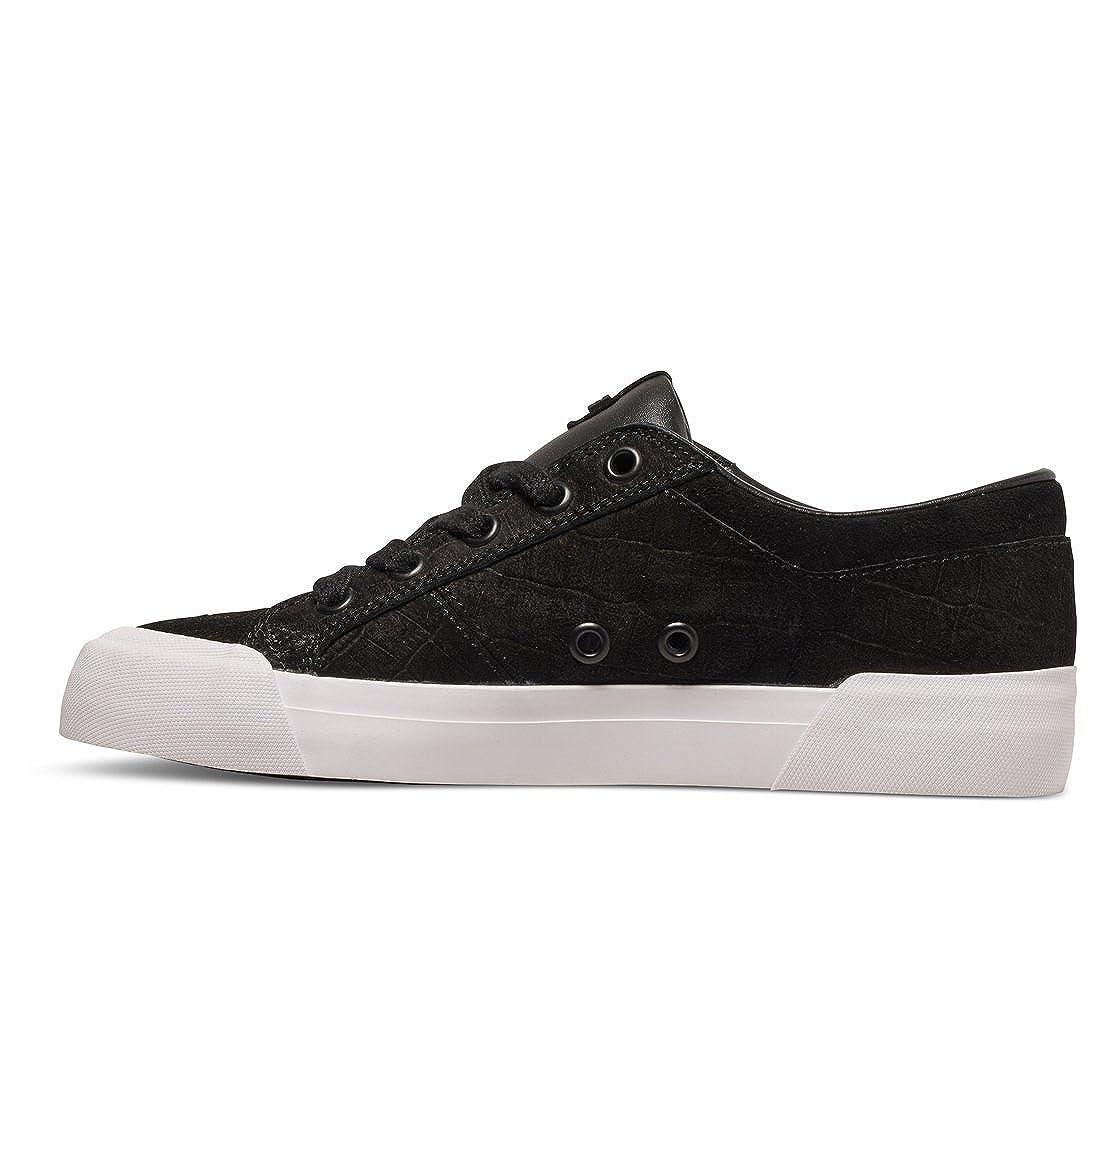 DC Schuhes Danni XE Schuhes - Schuhes XE - Schuhe - Frauen - EU 38.5 - Schwarz - 2b6d2d